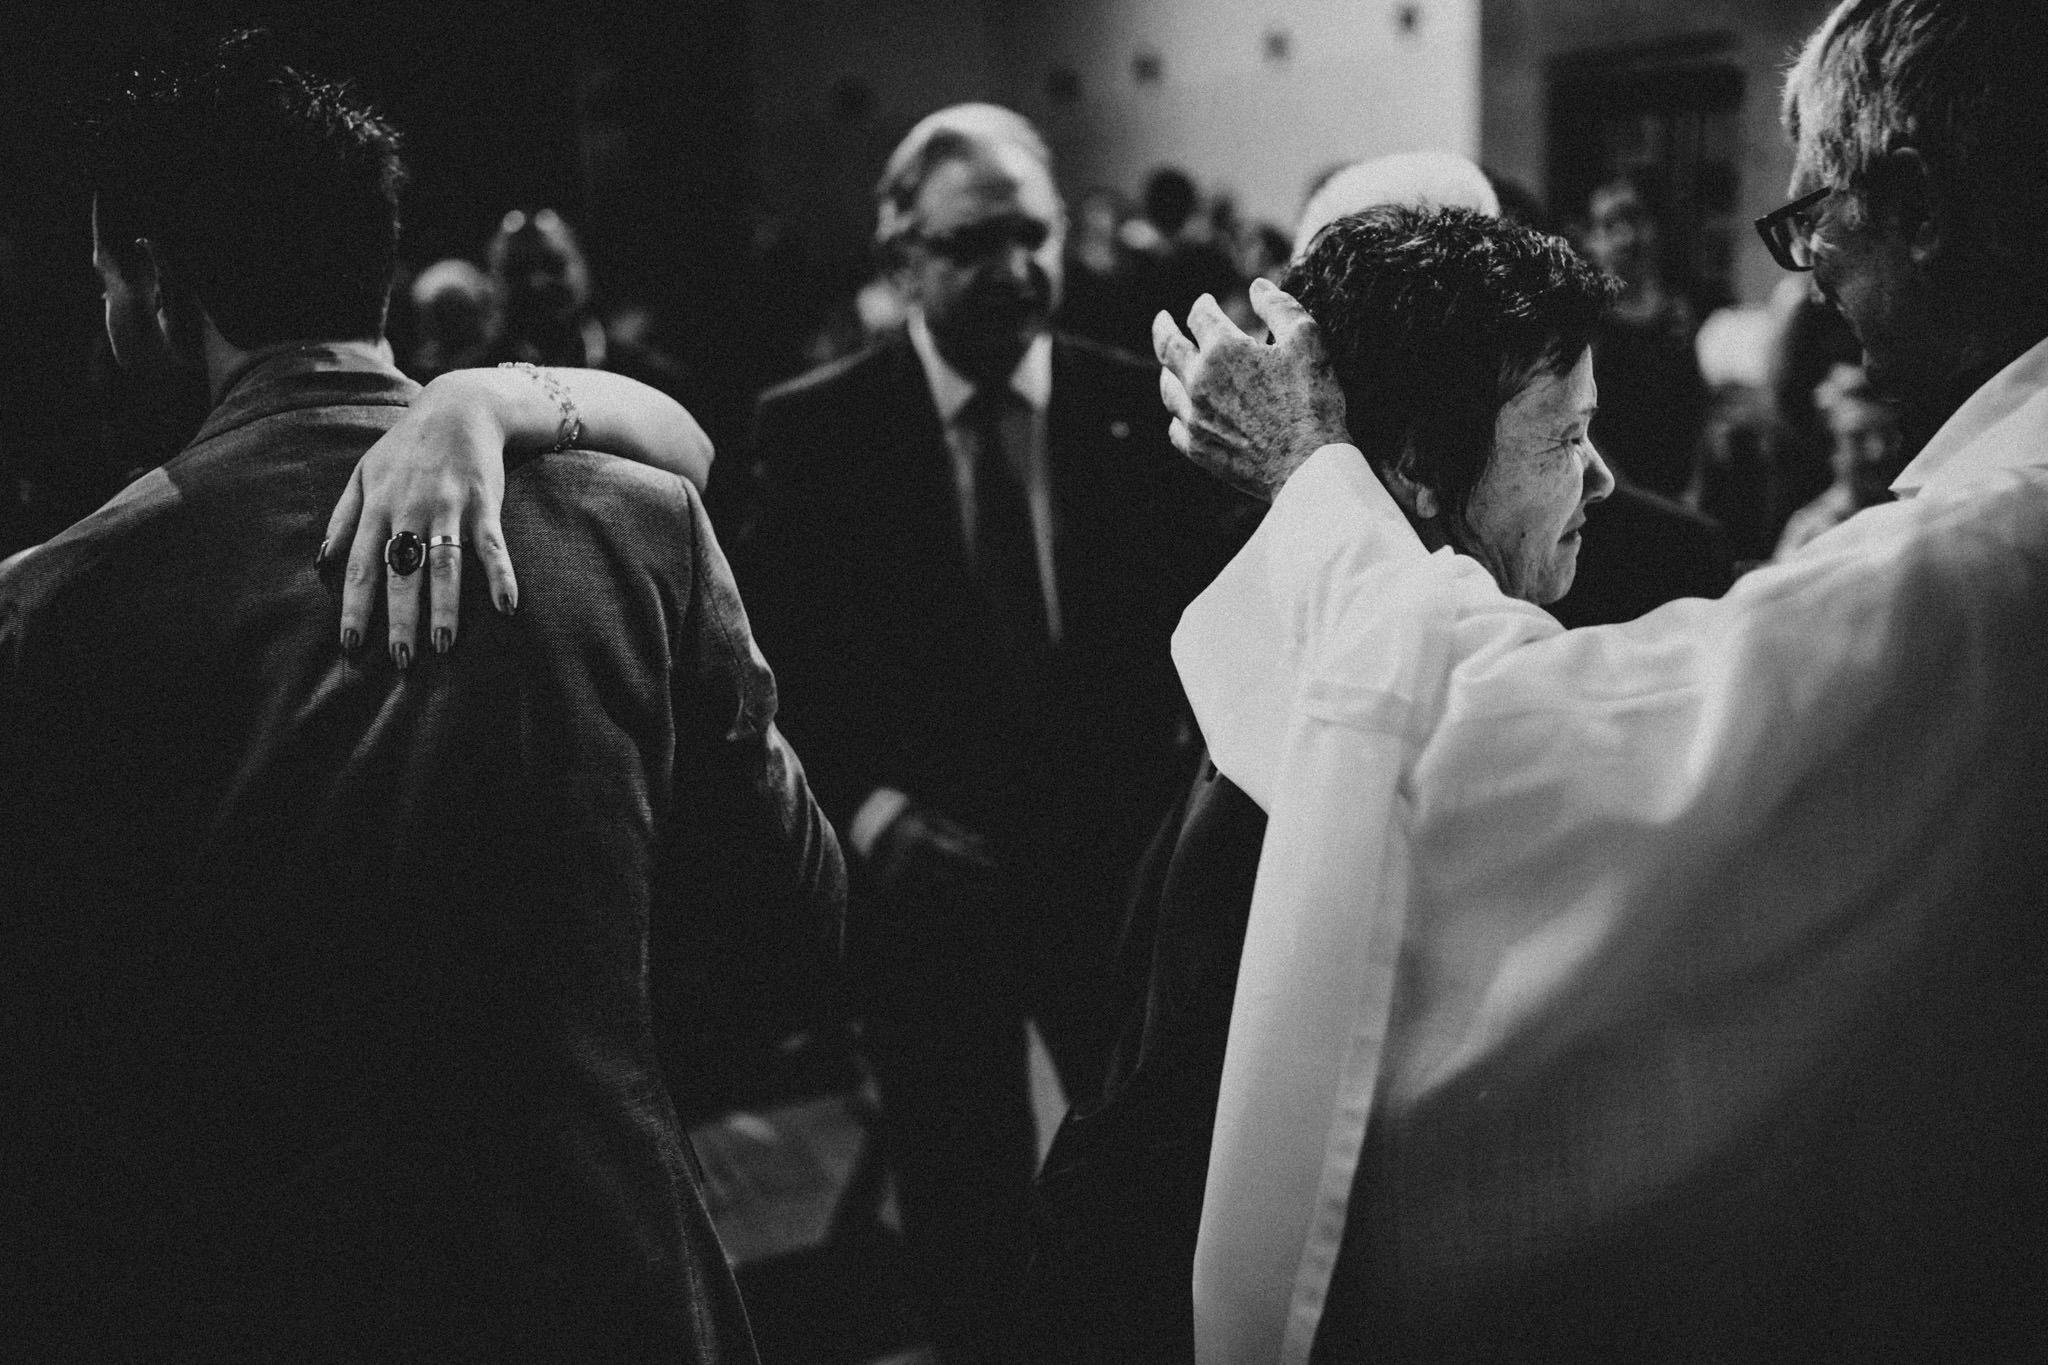 fotografo-boda-las-palmas-gran-canaria-4